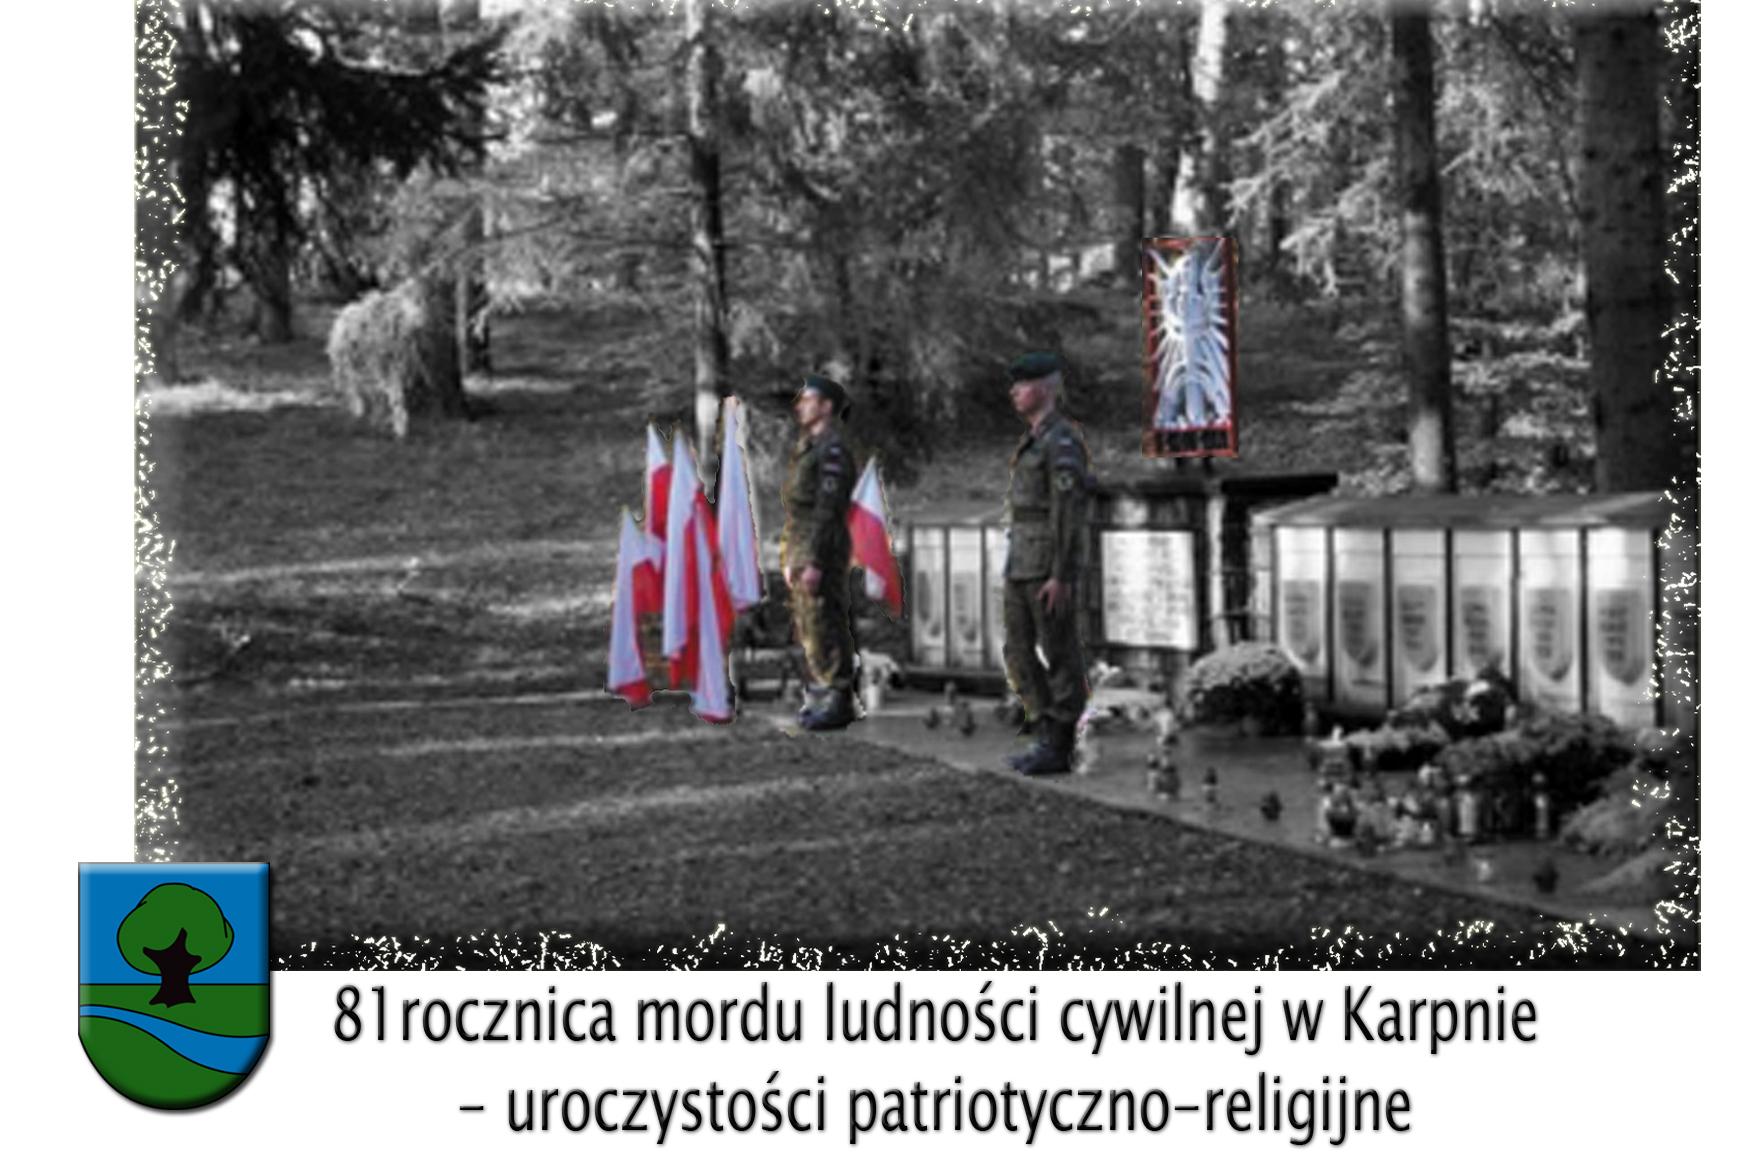 81 rocznica mordu ludności cywilnej w Karpnie uroczystości patriotyczno-religijne